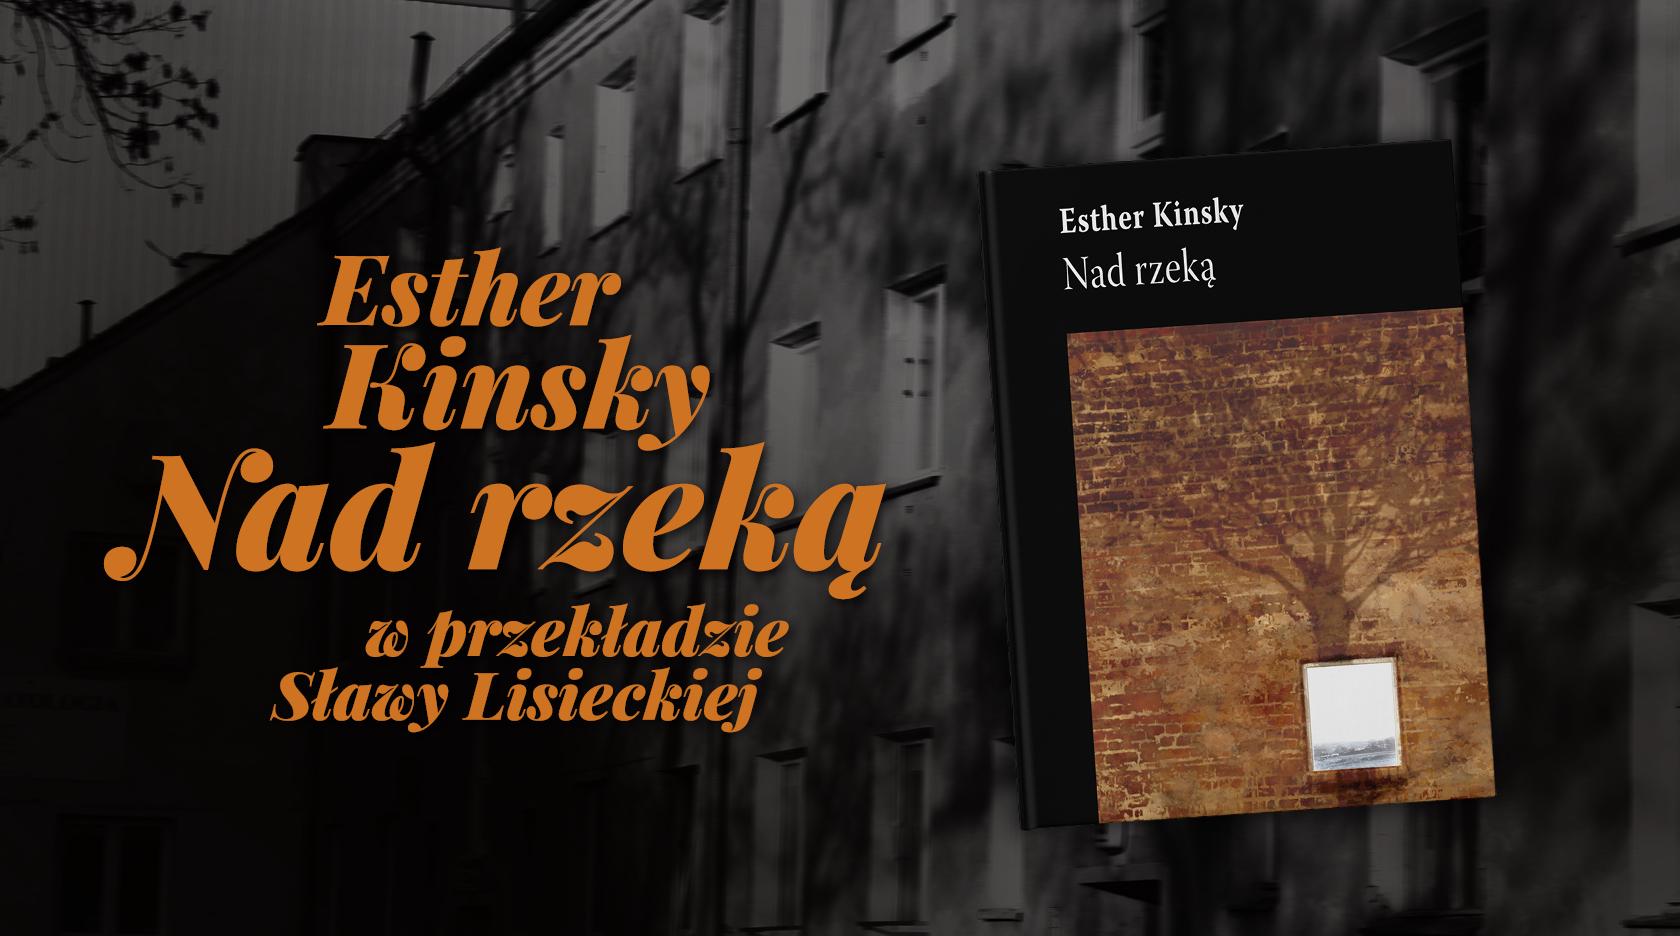 BL Img 2017.03.09 Książka Kinsky w przekładzie Sławy Lisieckiej_www